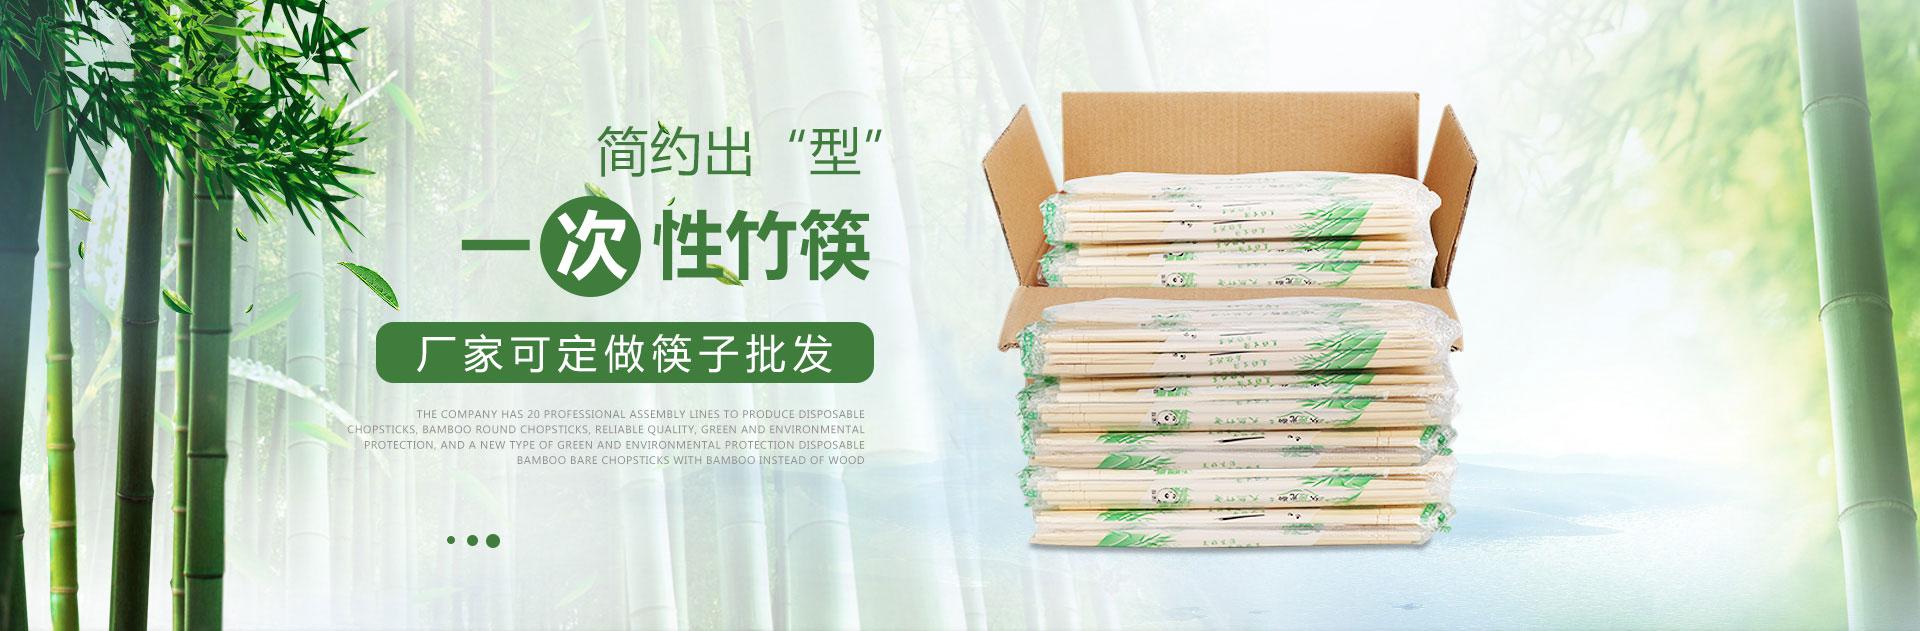 崇义竹筷子